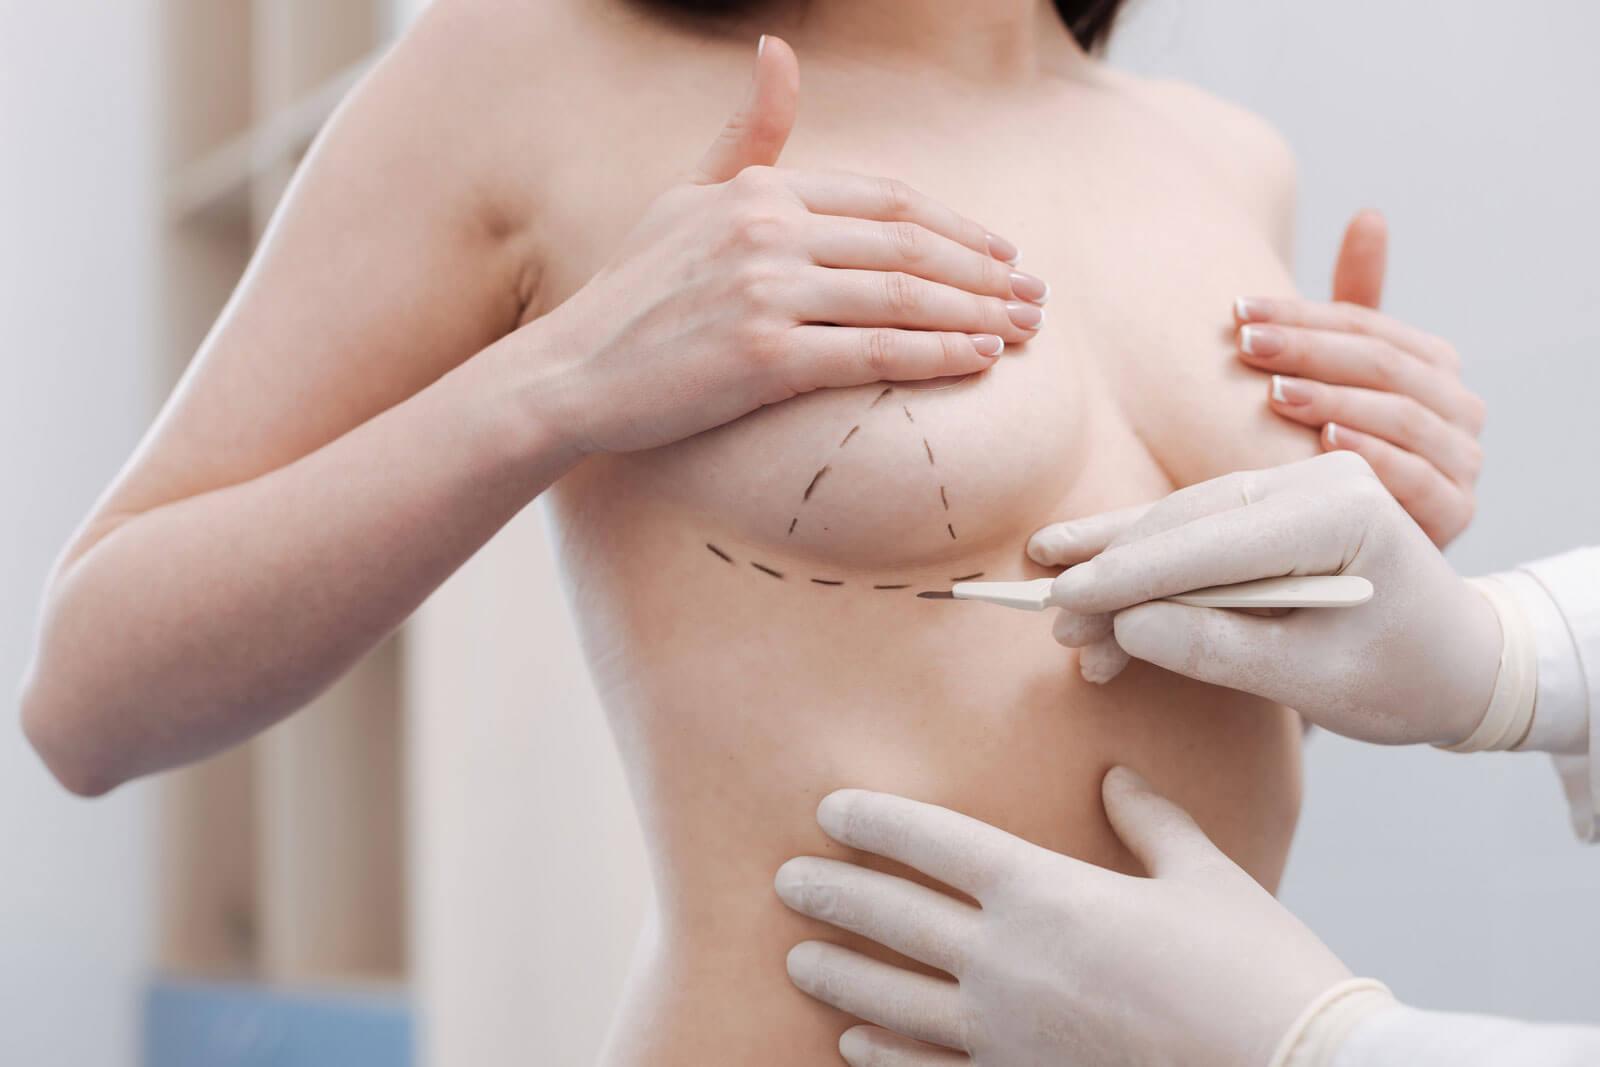 Увеличение груди. Круглые или анатомические?